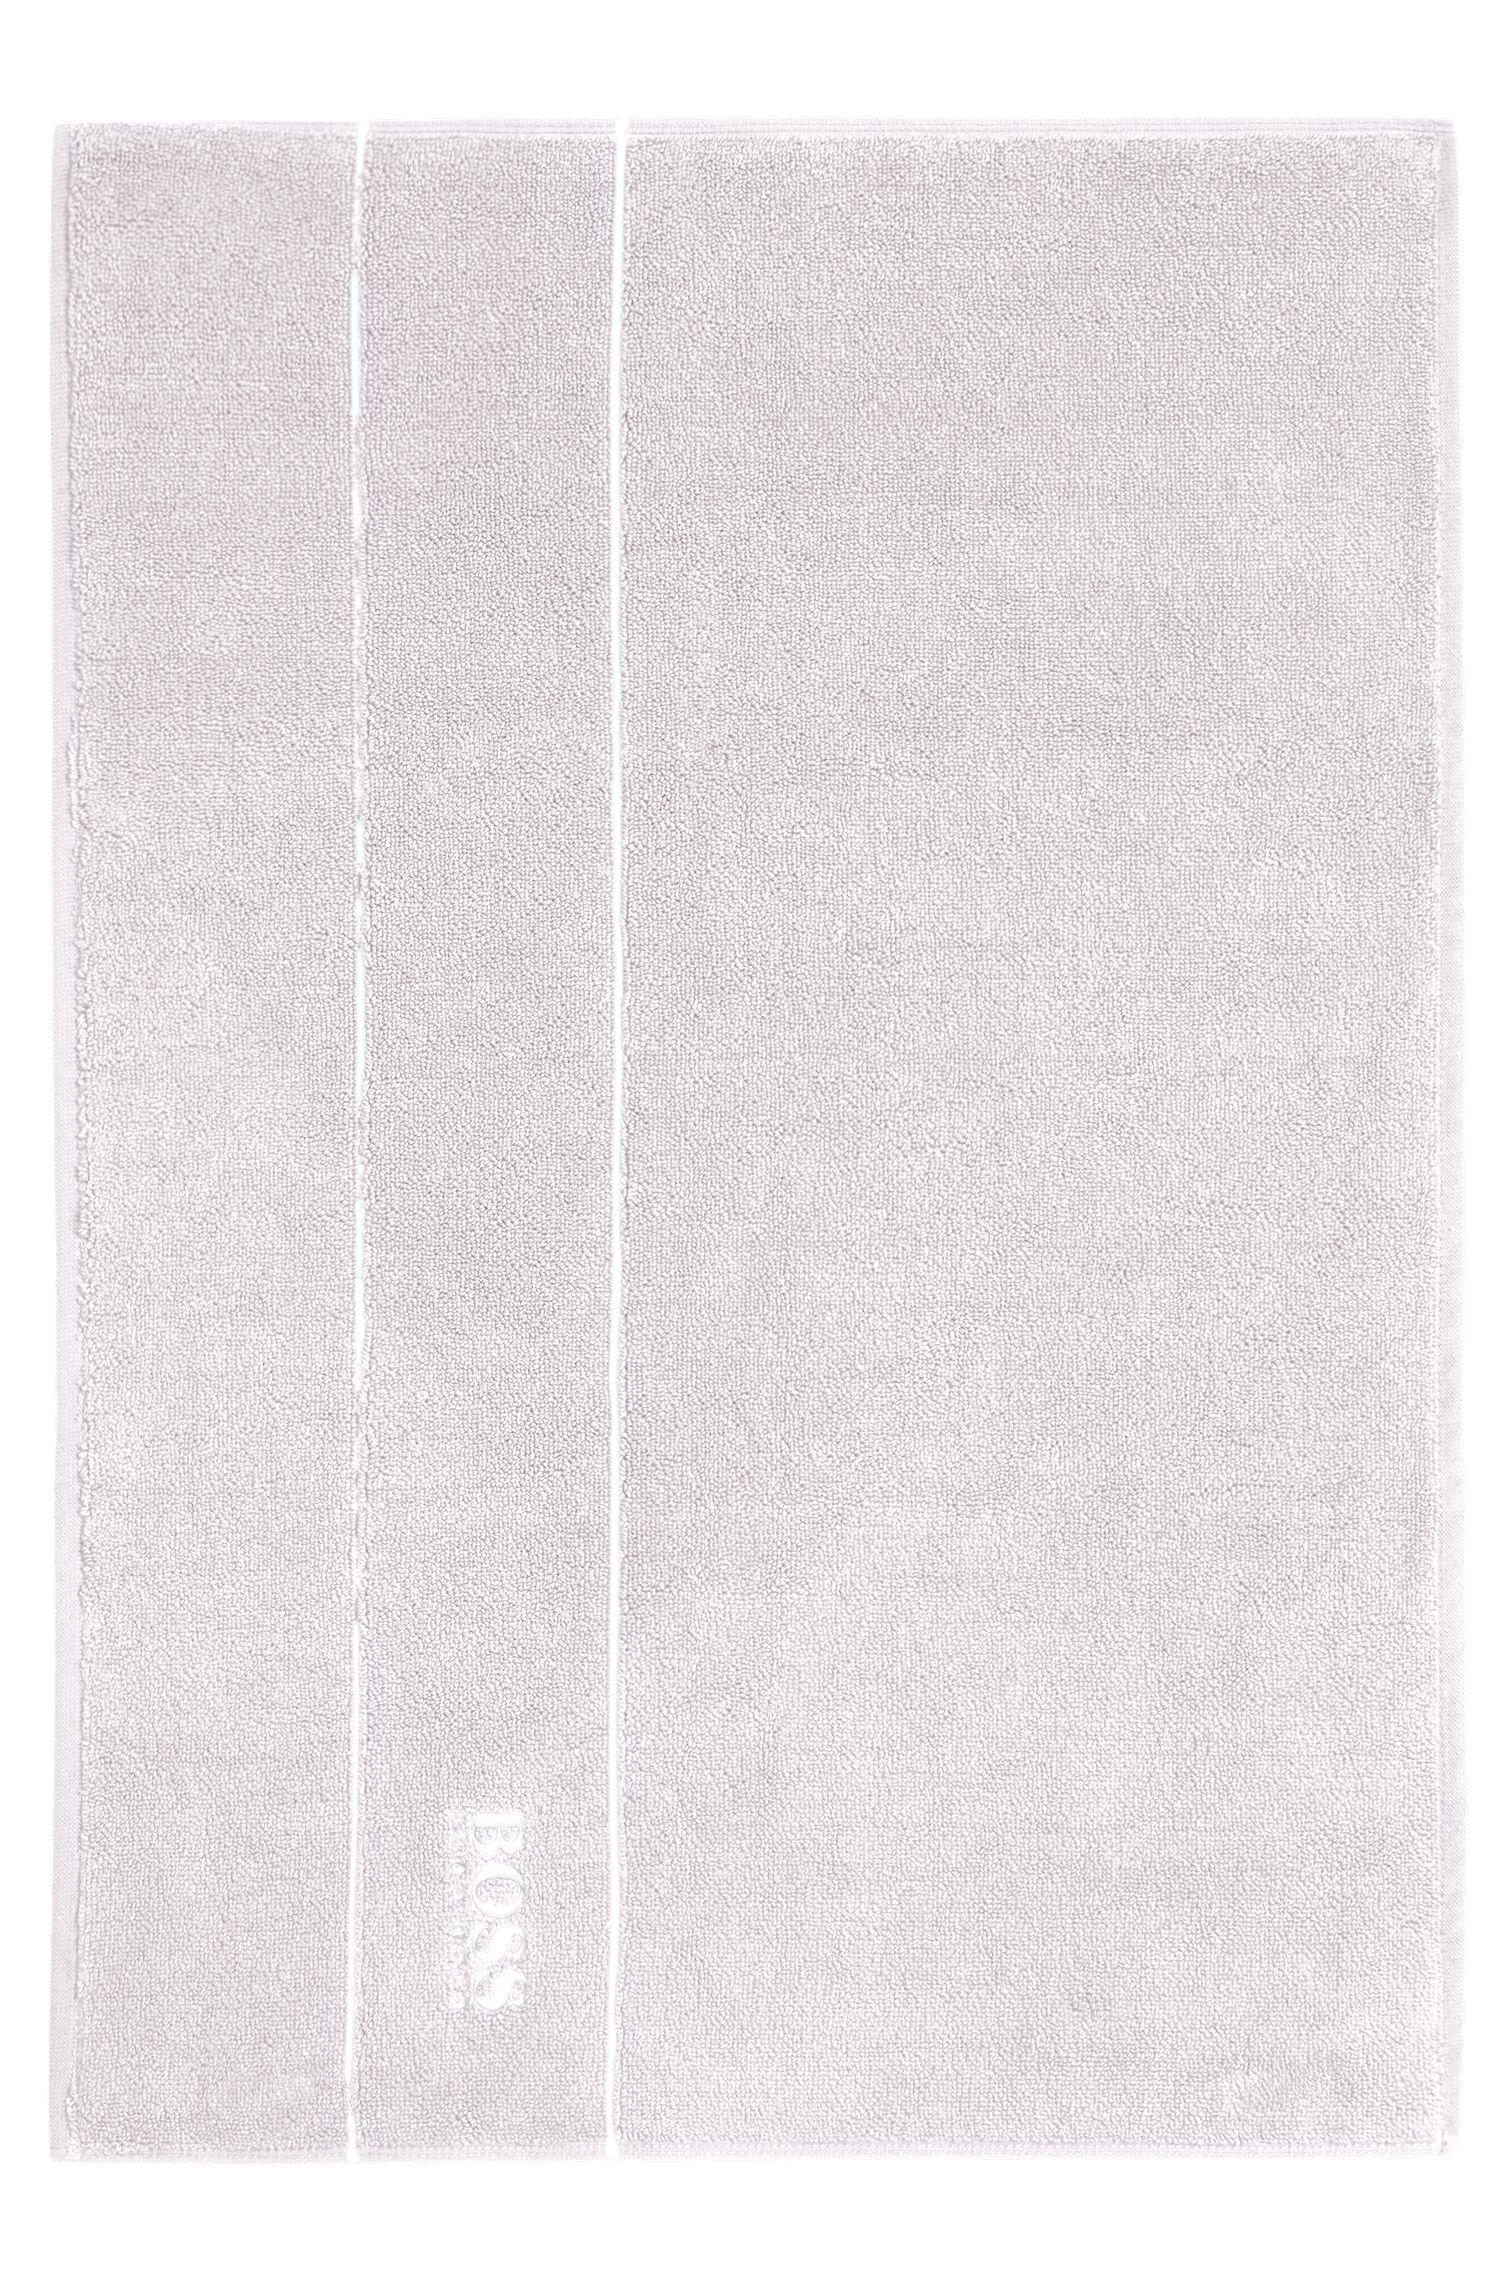 Bath mat ´PLAIN Tapis de bain`, cotton terry